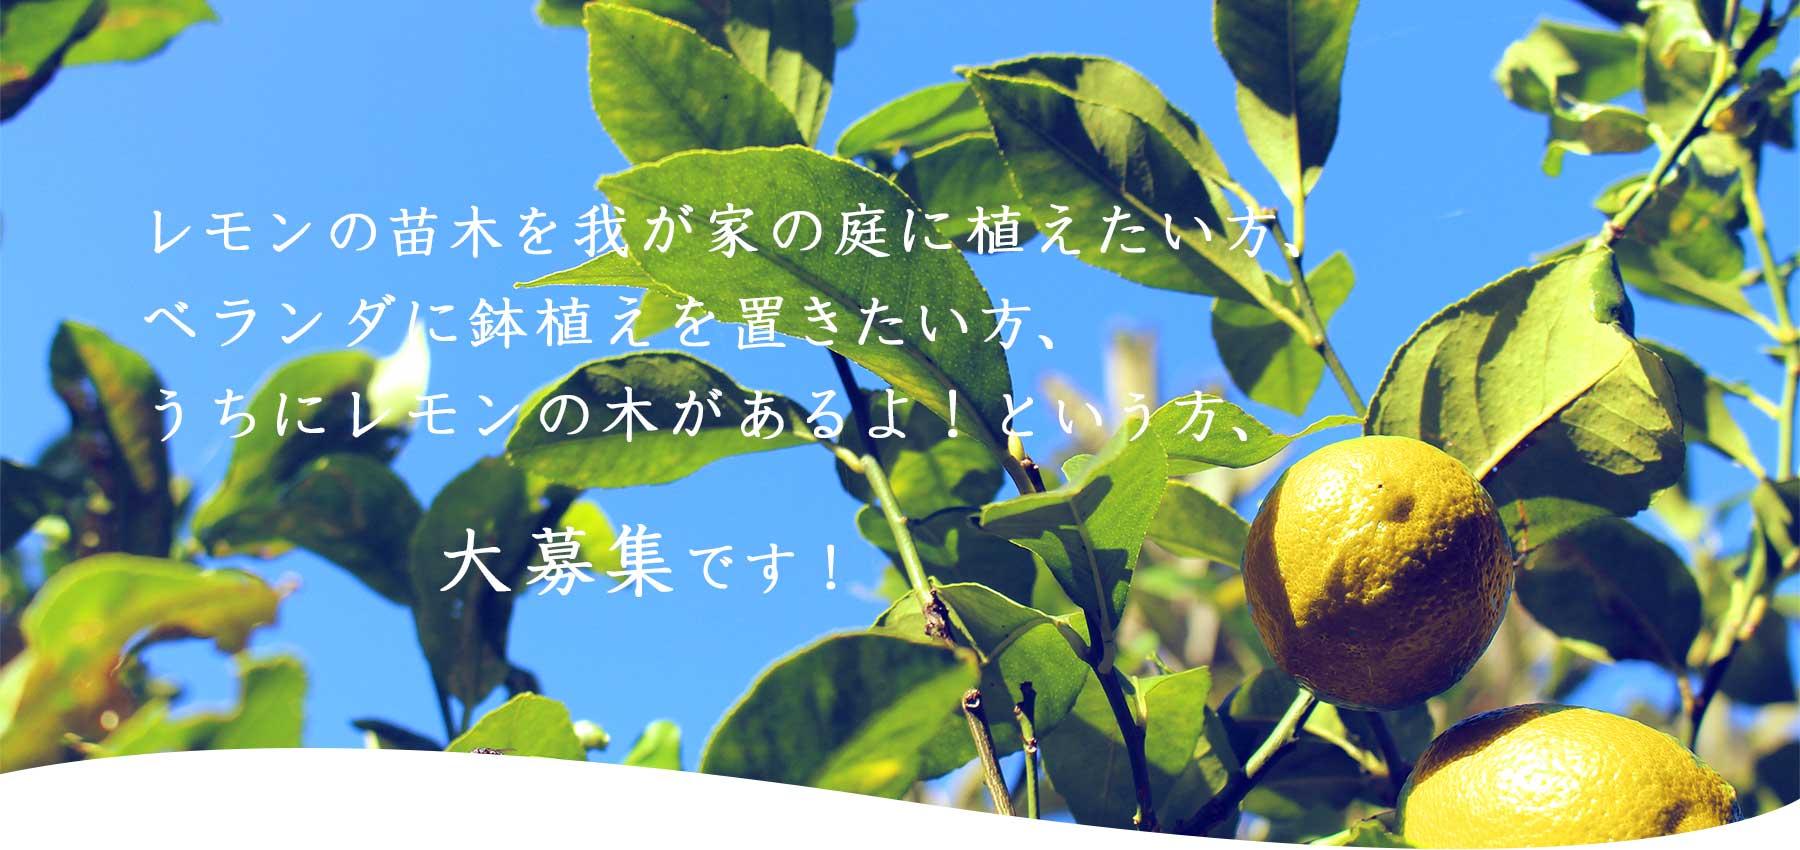 レモンの「輪」に参加する